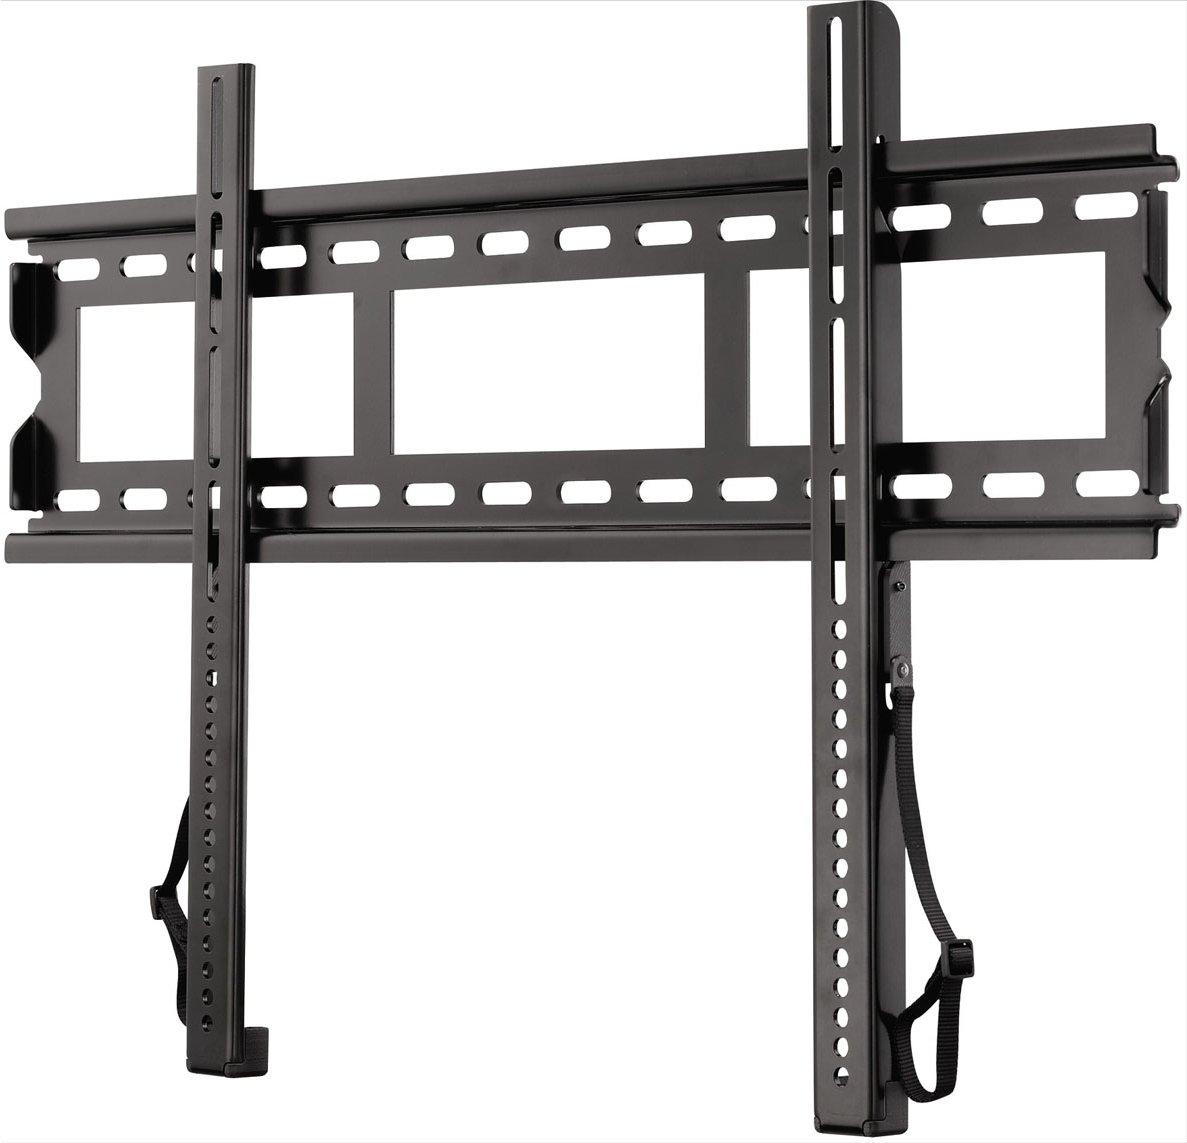 Sanus F55b Tv Wall Brackets